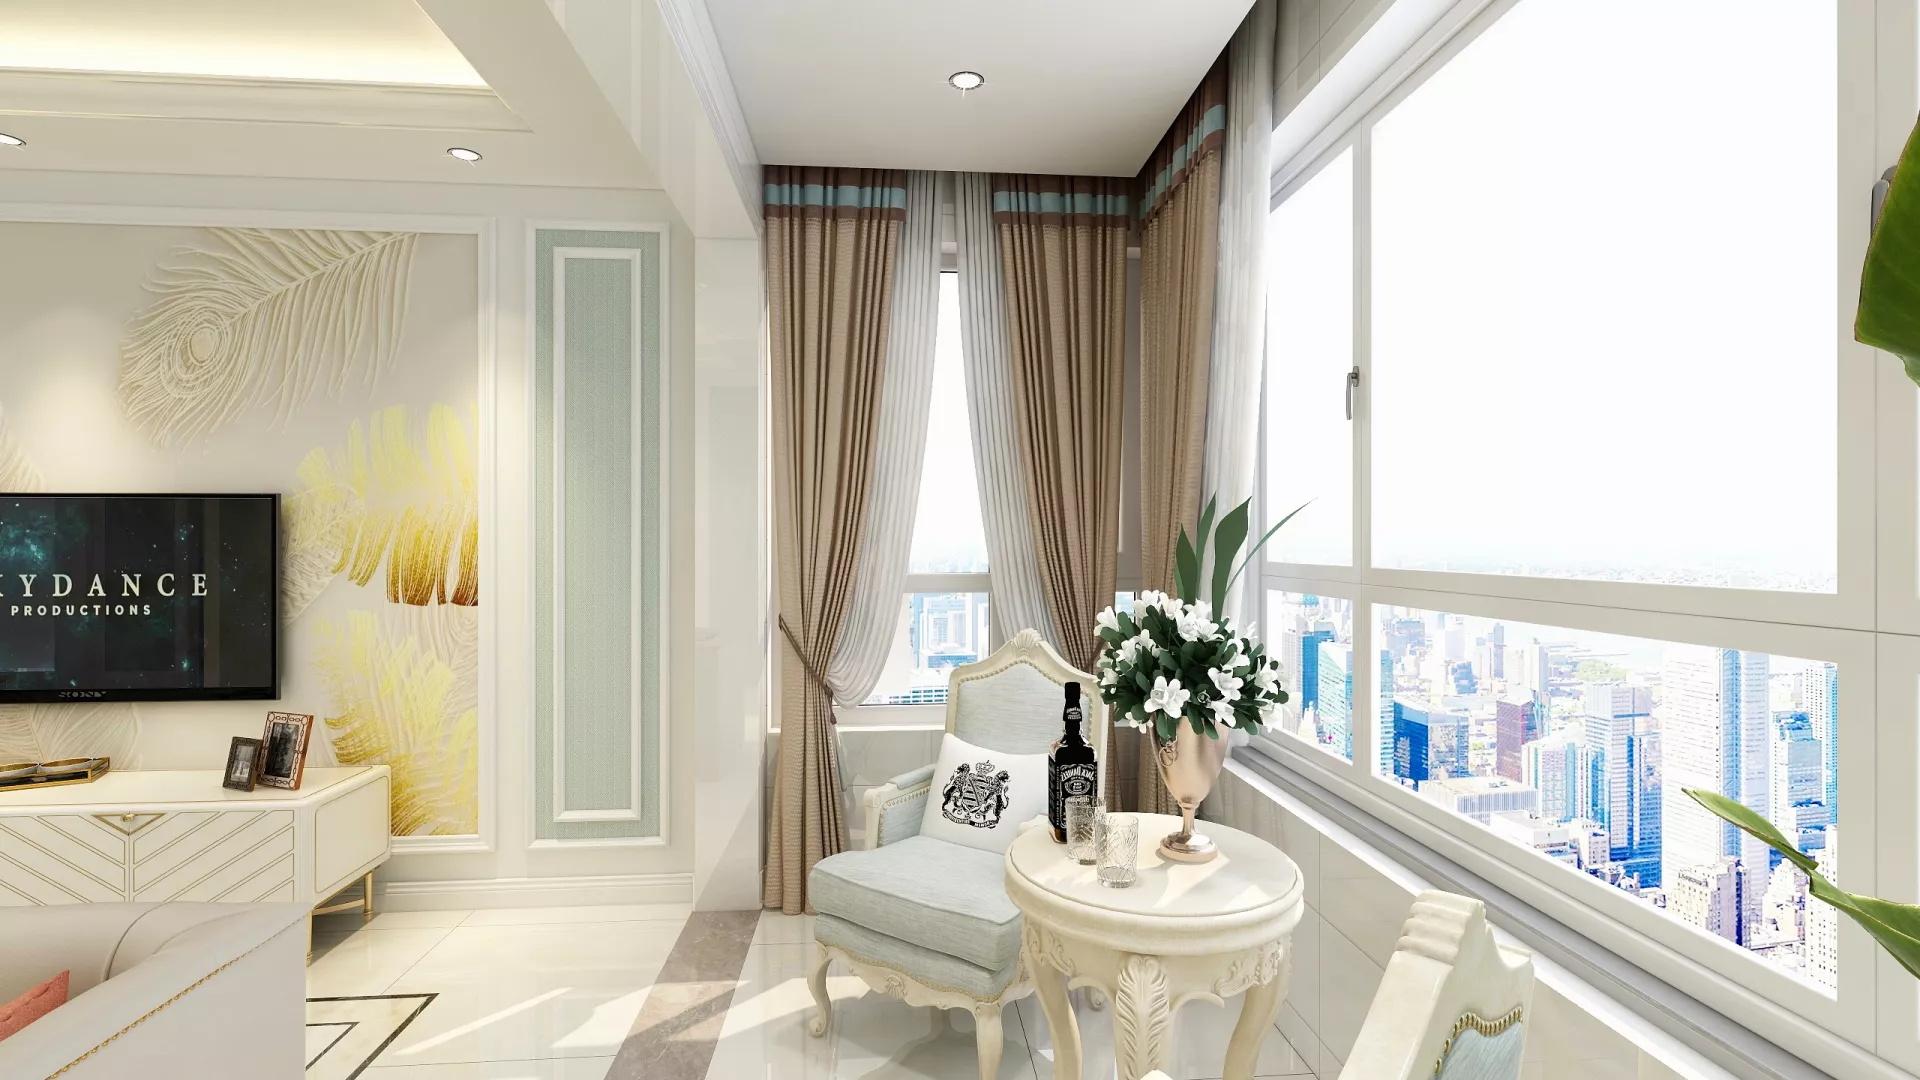 89㎡个性时髦小公寓客厅装修效果图